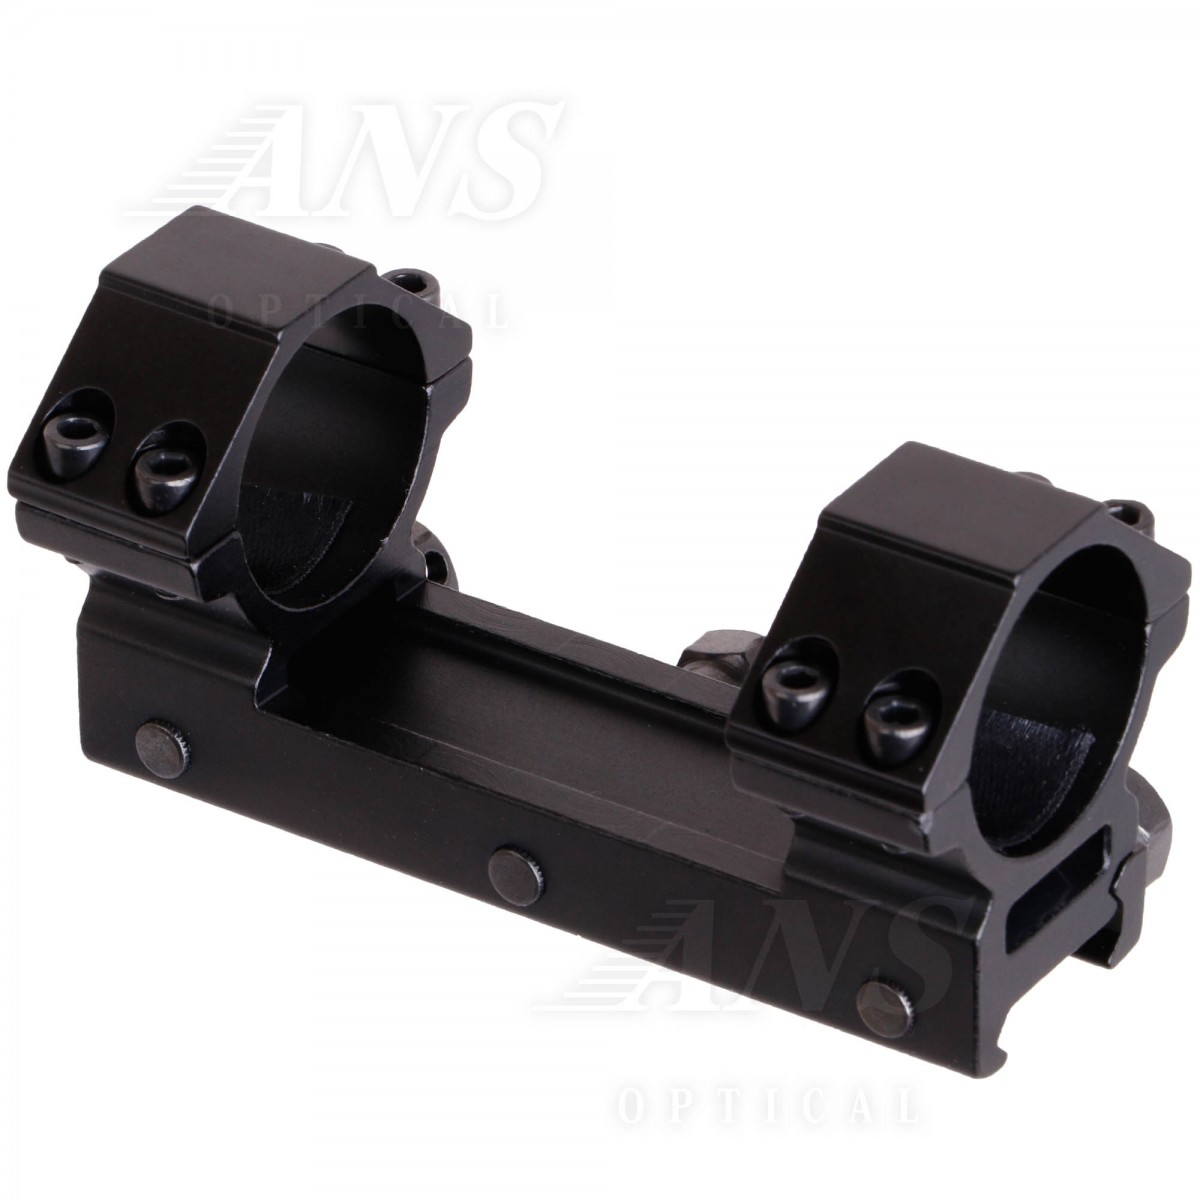 ワンピース ダブルナット 20mmマウントレール対応 チューブ径30mm用 LOW